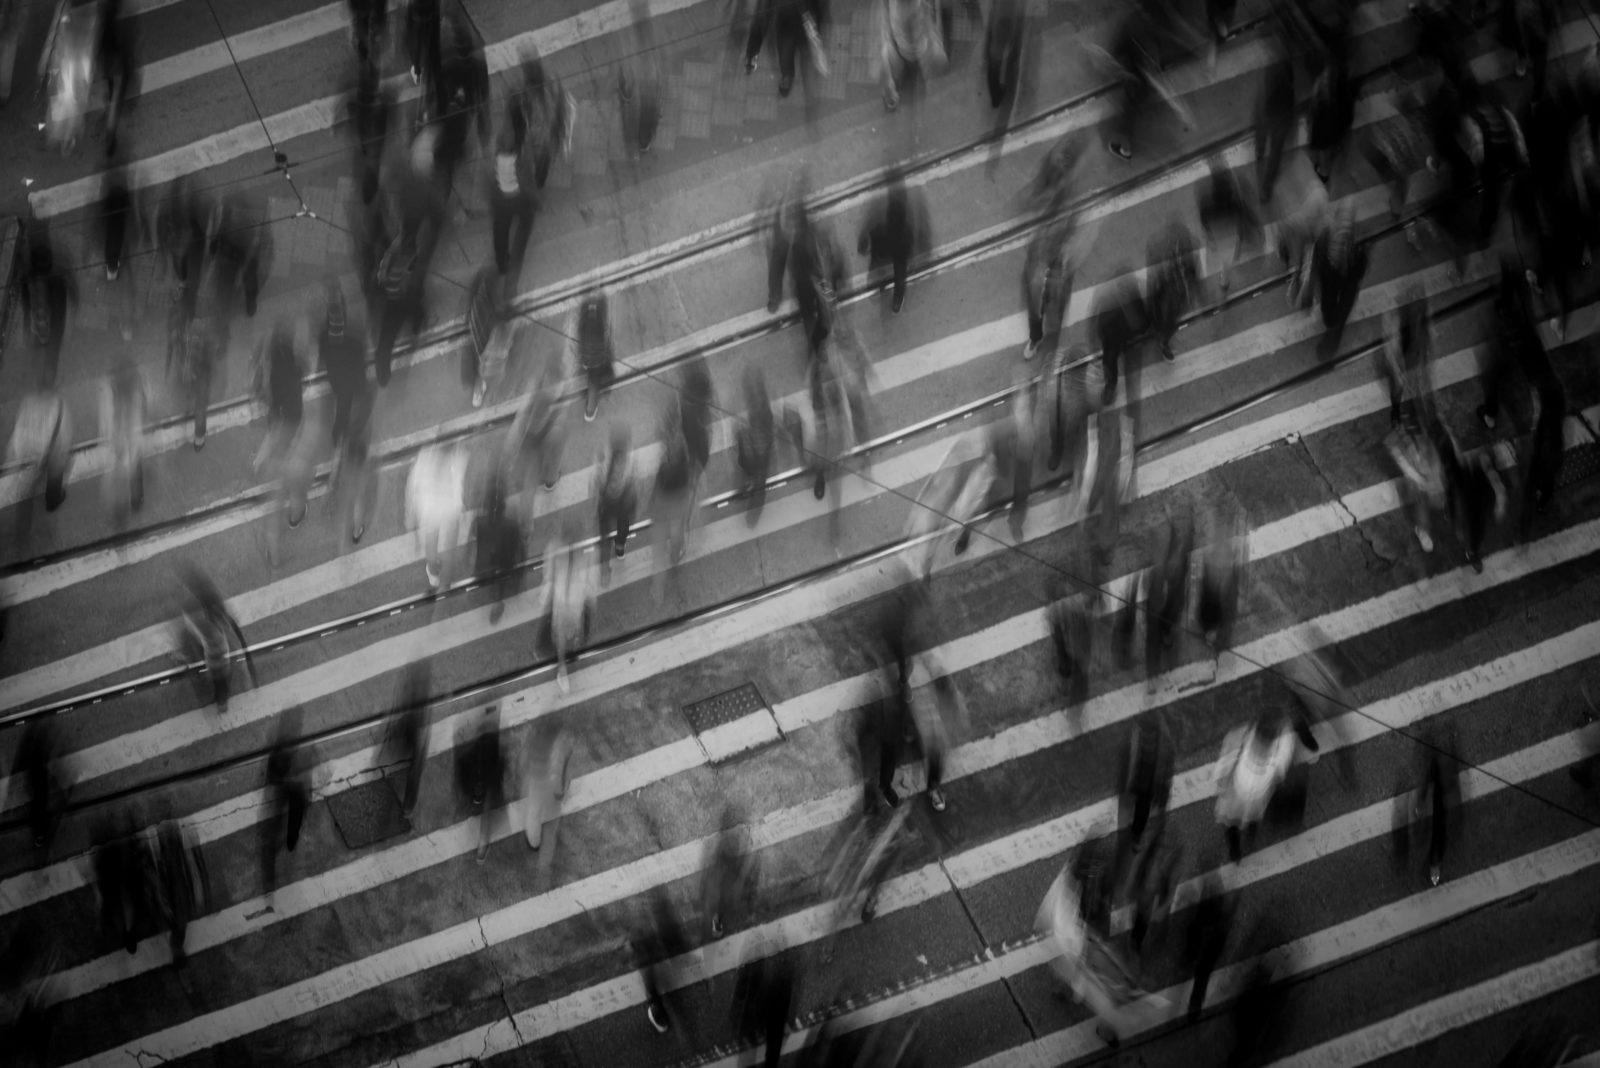 Ein Fußgängerübergang mit Menschen